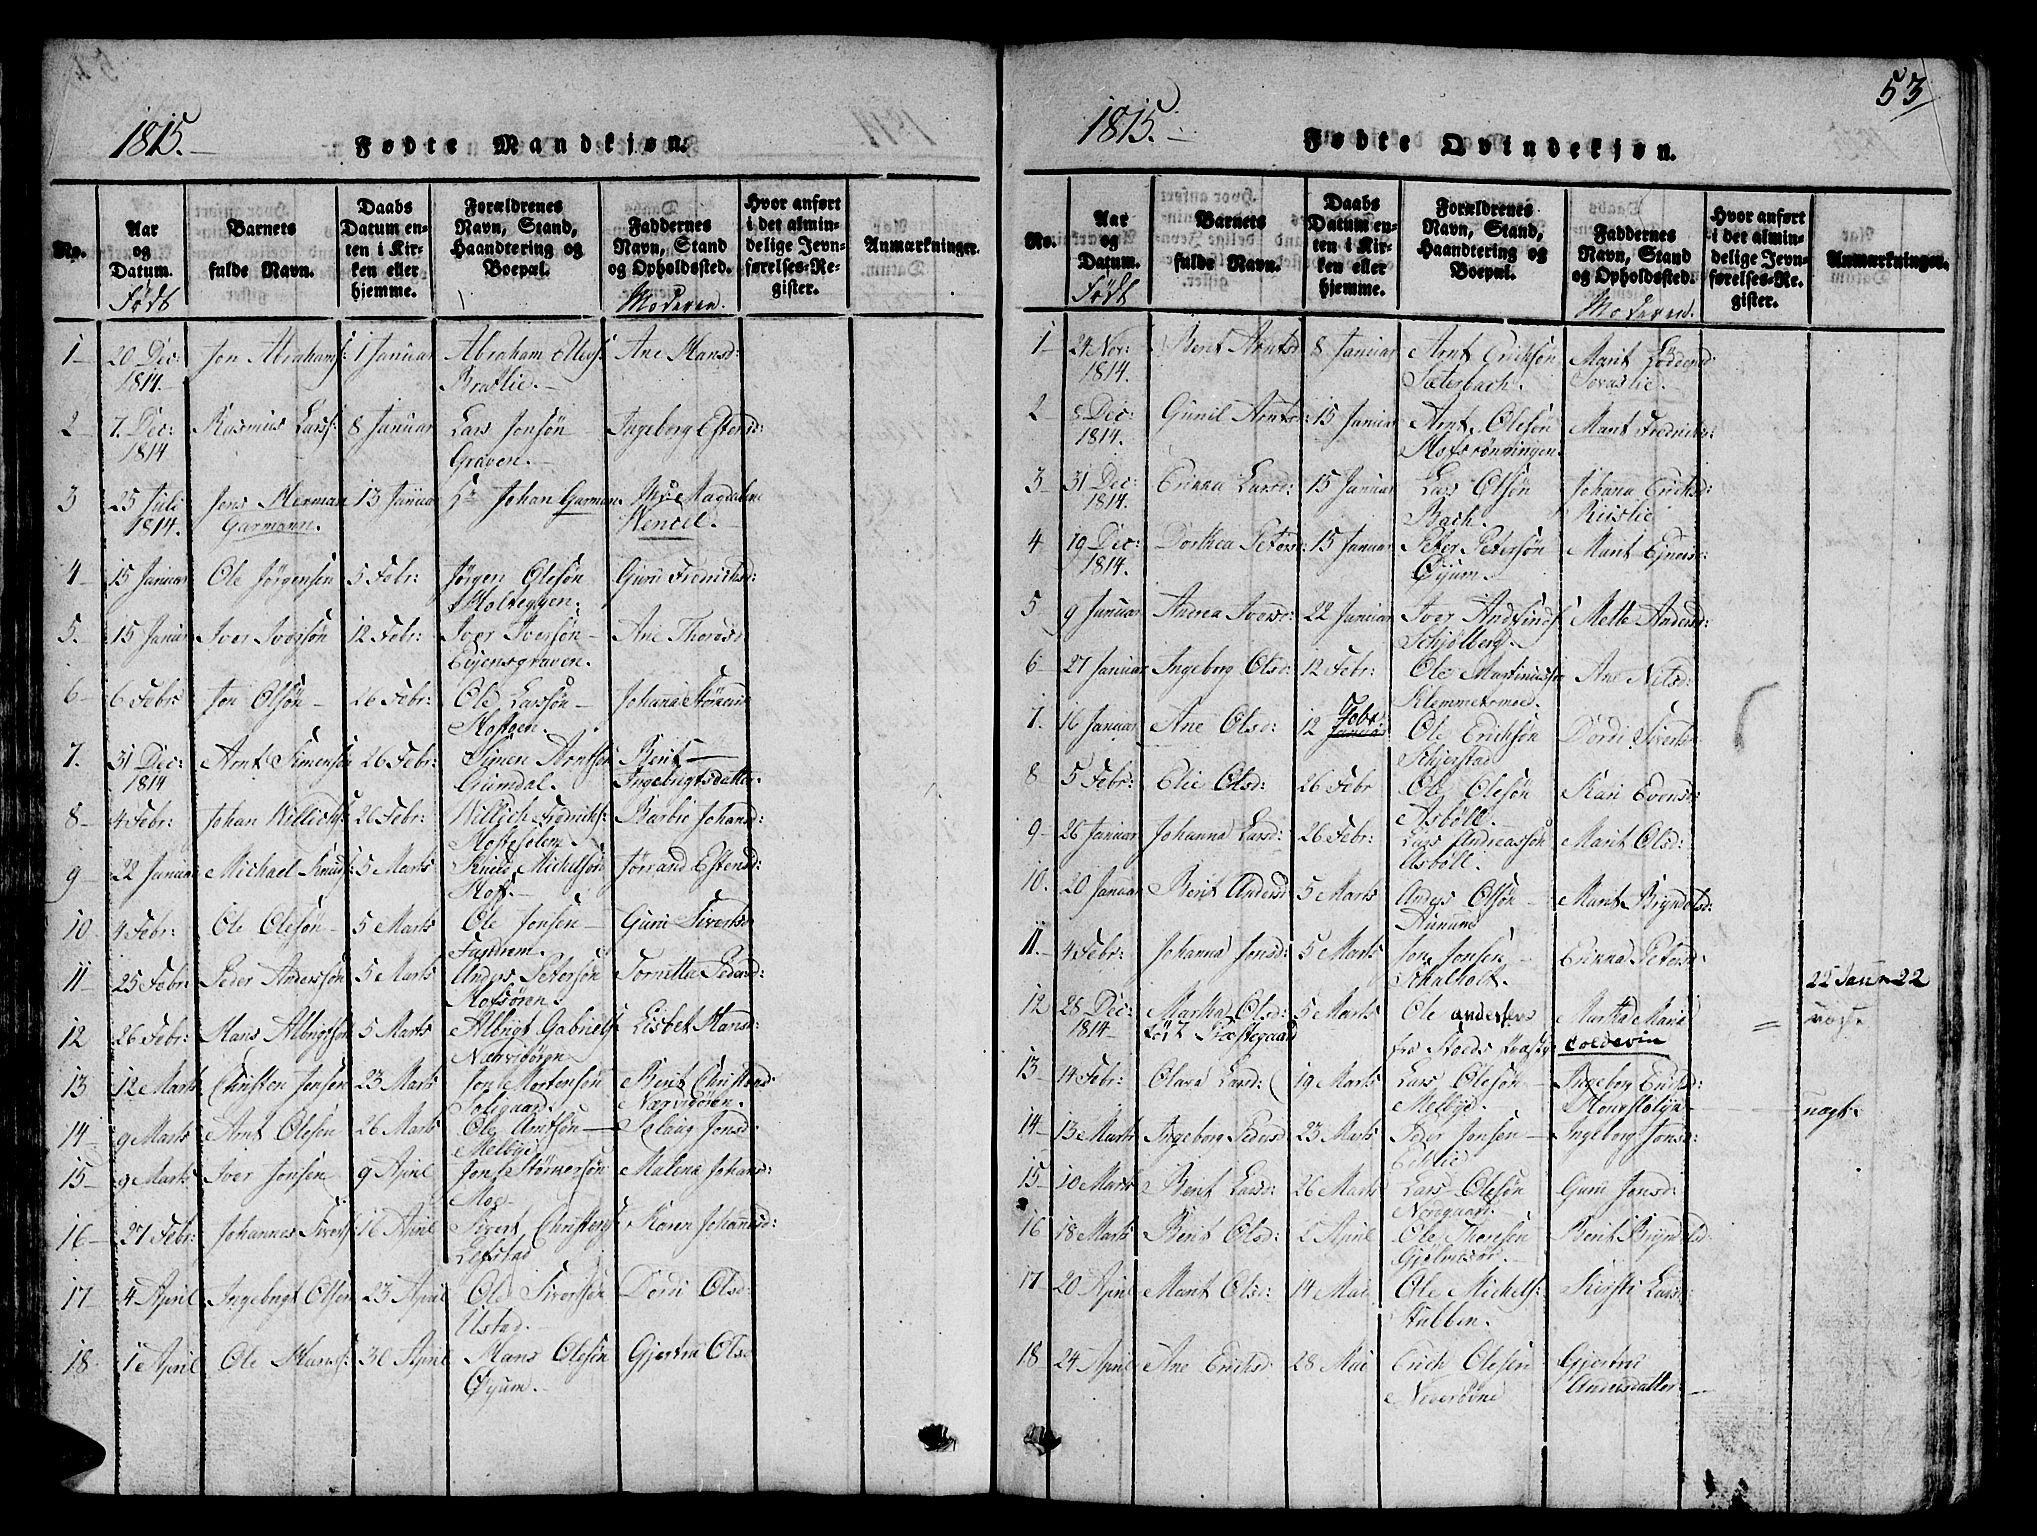 SAT, Ministerialprotokoller, klokkerbøker og fødselsregistre - Sør-Trøndelag, 668/L0803: Ministerialbok nr. 668A03, 1800-1826, s. 53